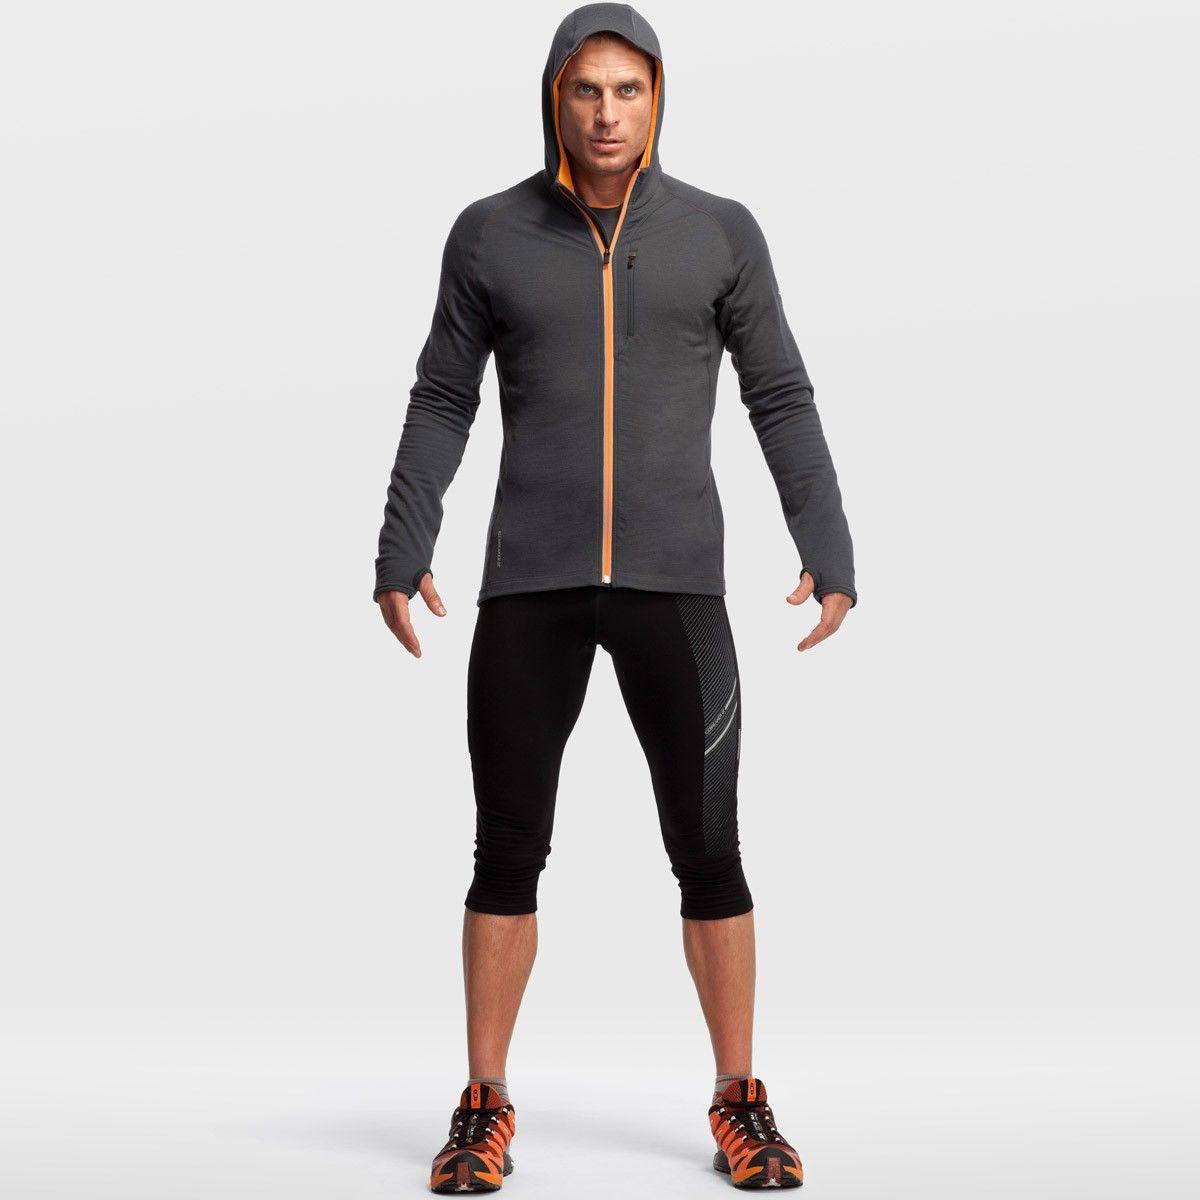 spandex suit | sport men | Pinterest | Gym